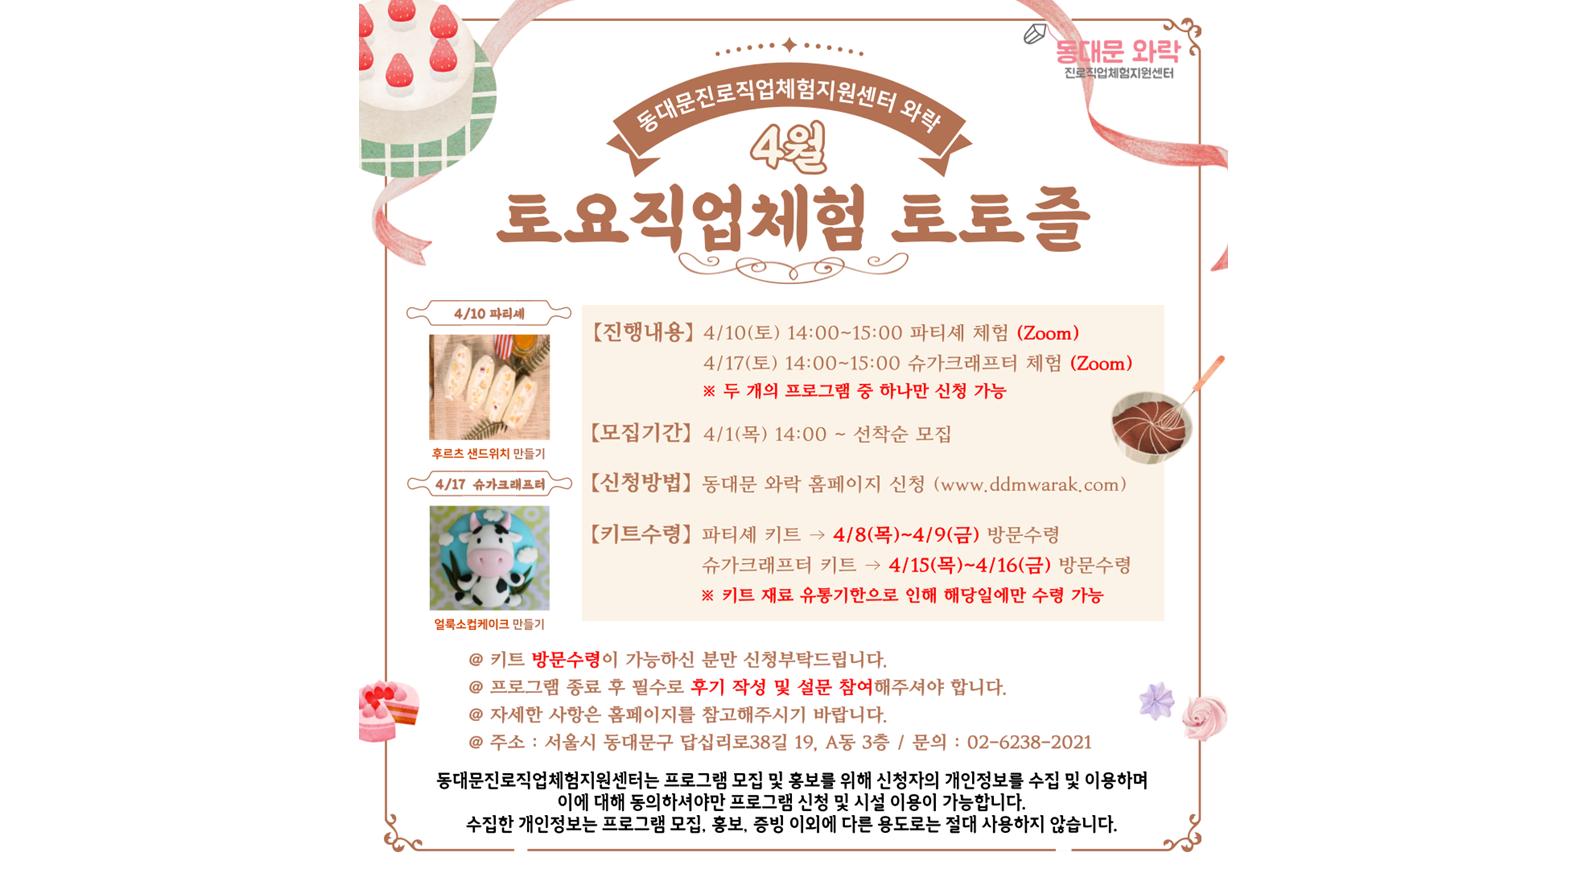 [종료] 4월 토토즐 - 파티셰&슈가크래프터 (중복신청불가)